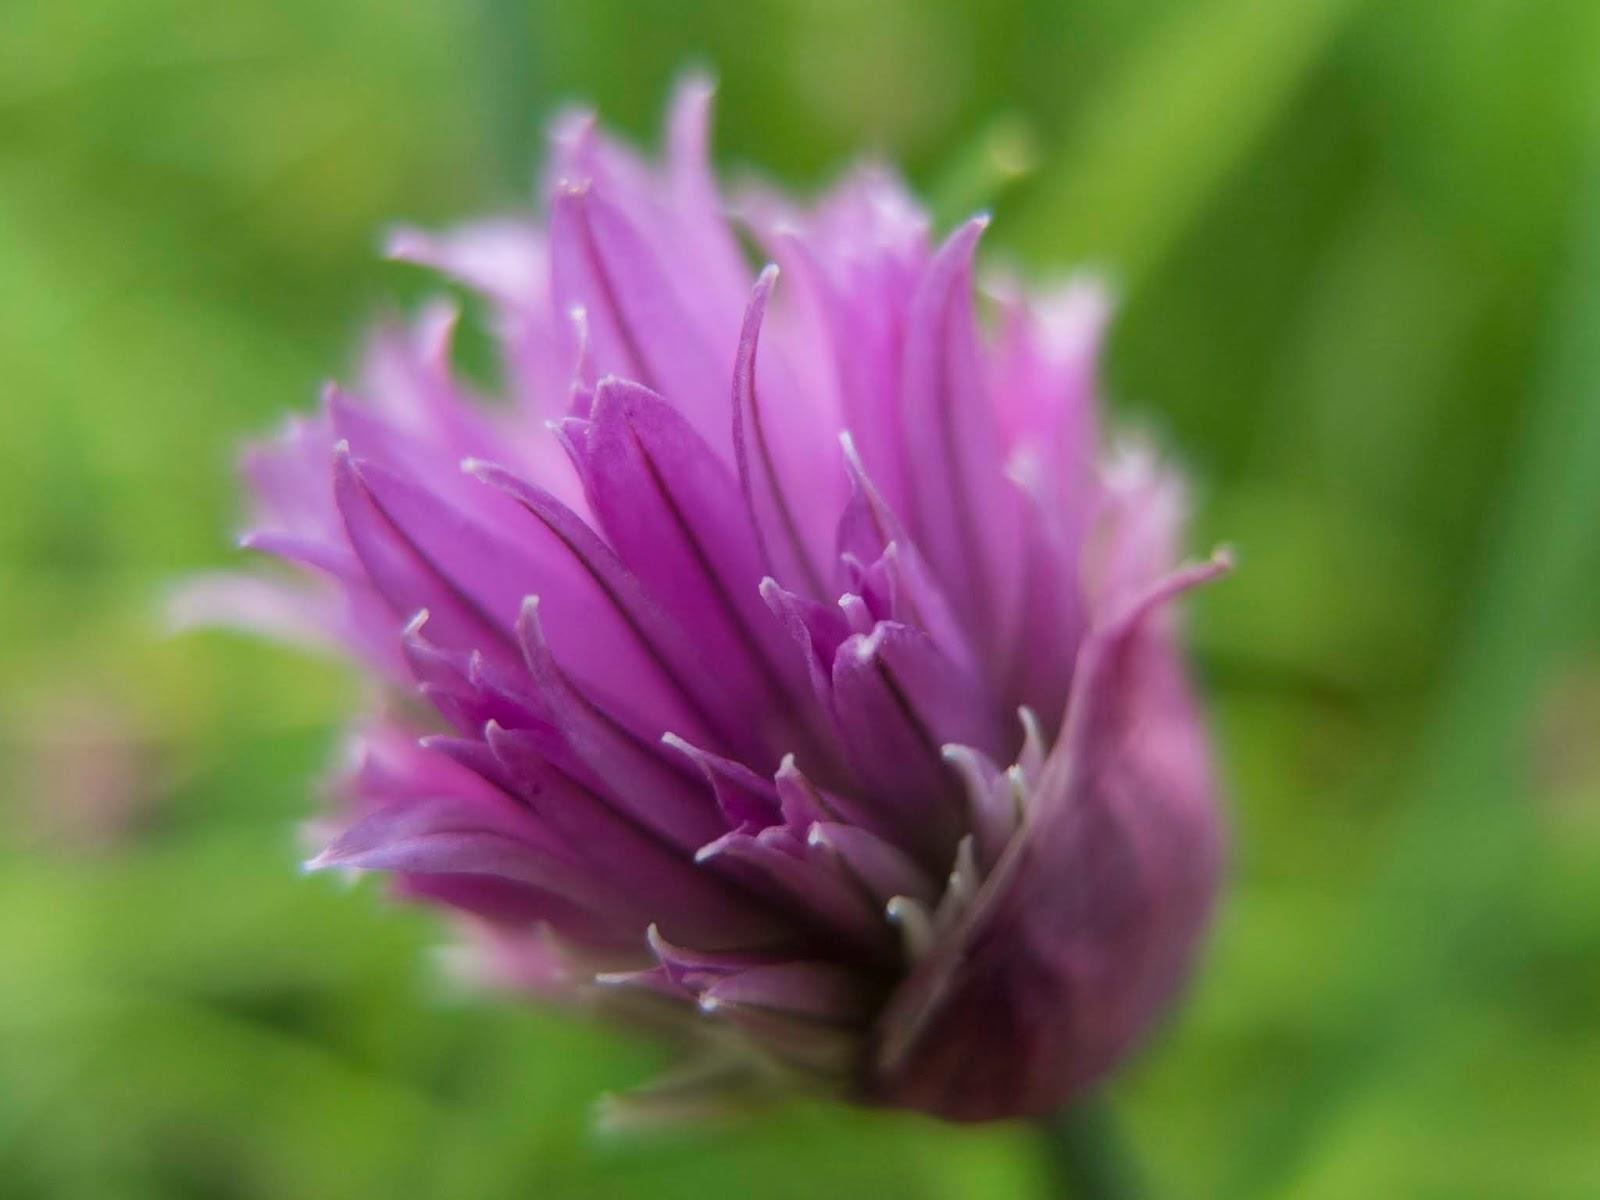 Macro of a purple Chive flower head.